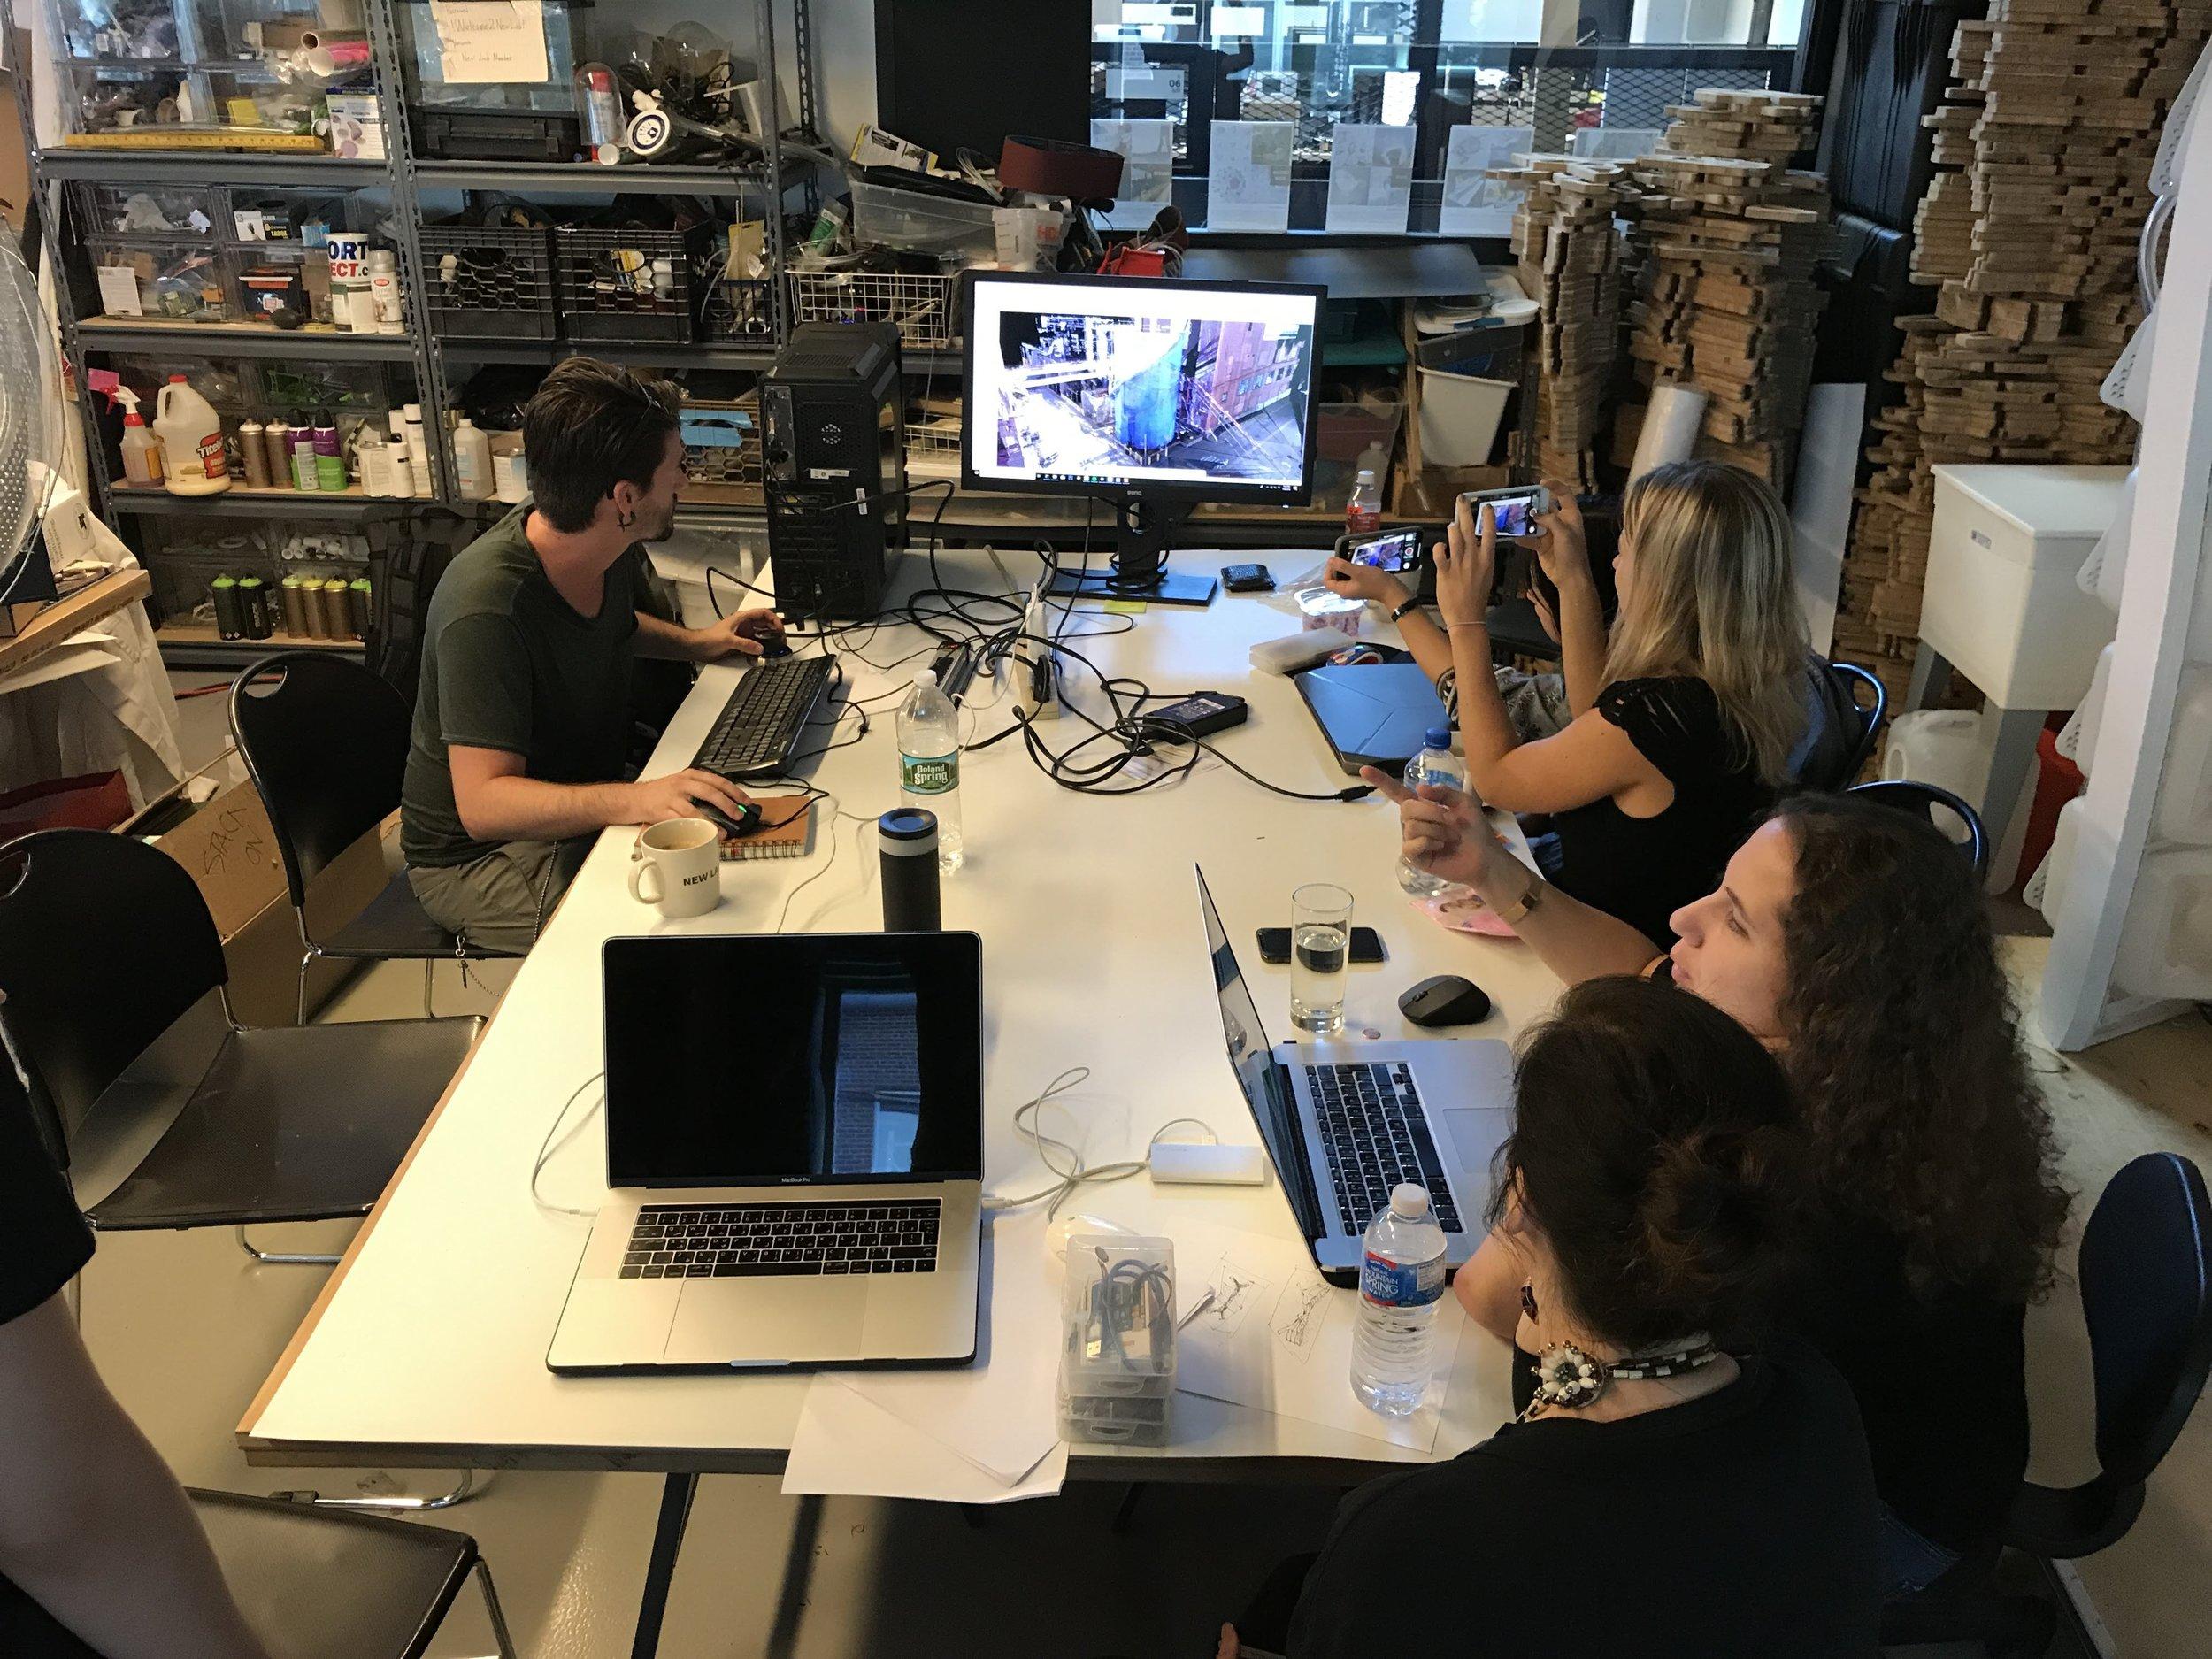 iaac-global-summer-school-digital-sensing-7-3D-laser-scanning-point-cloud-new-york.jpg